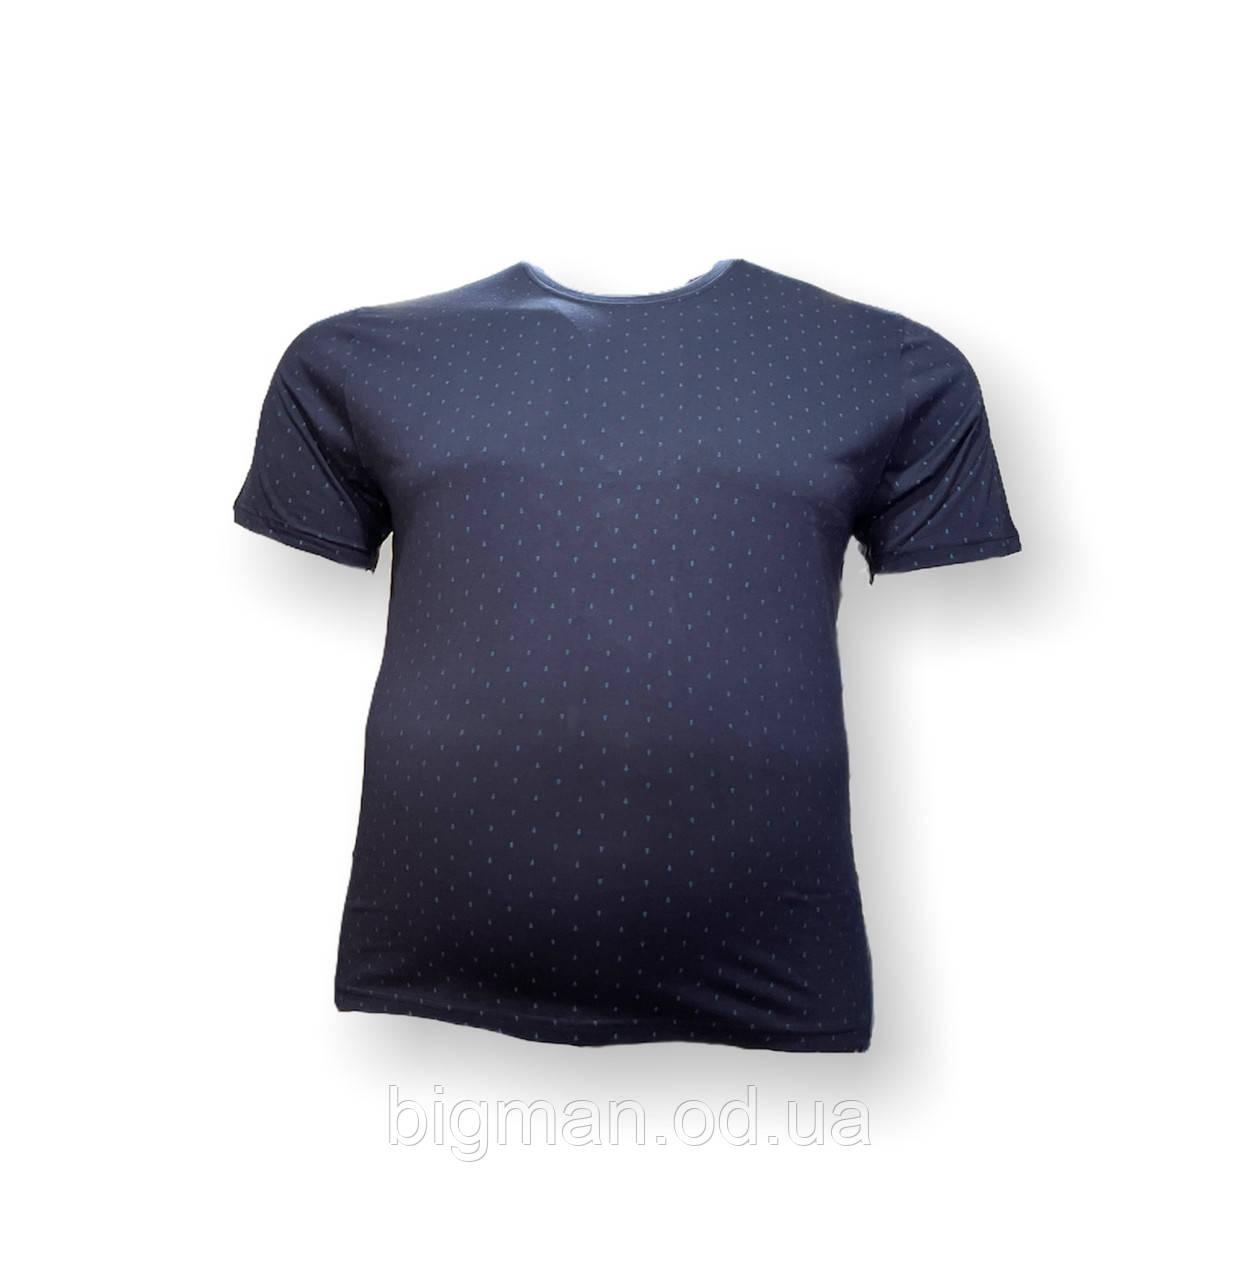 Мужская батальная футболка Borcan 12107 3XL 4XL 5XL 6XL темно-синяя большие размеры Турция